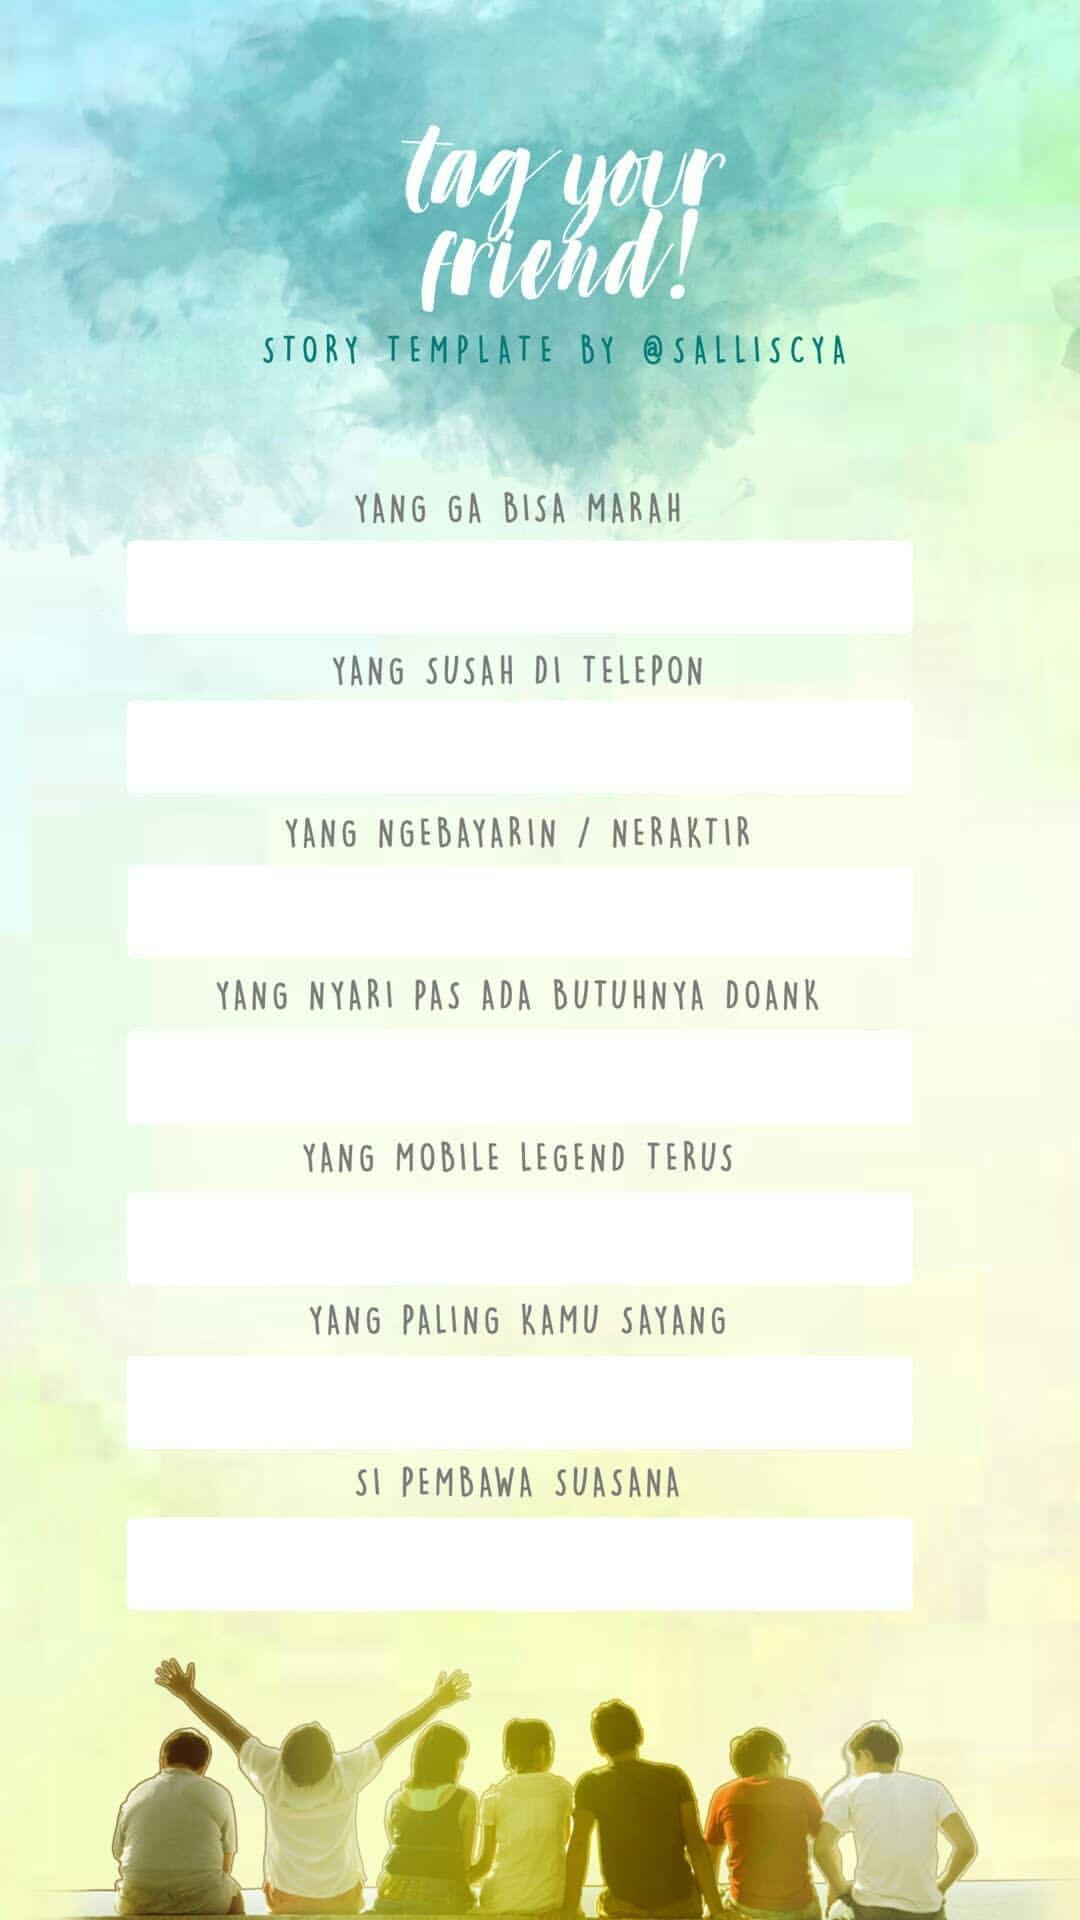 Pin Oleh Rebecca Tania Di This Or That Teks Lucu Kutipan Instagram Lucu Kutipan Buku